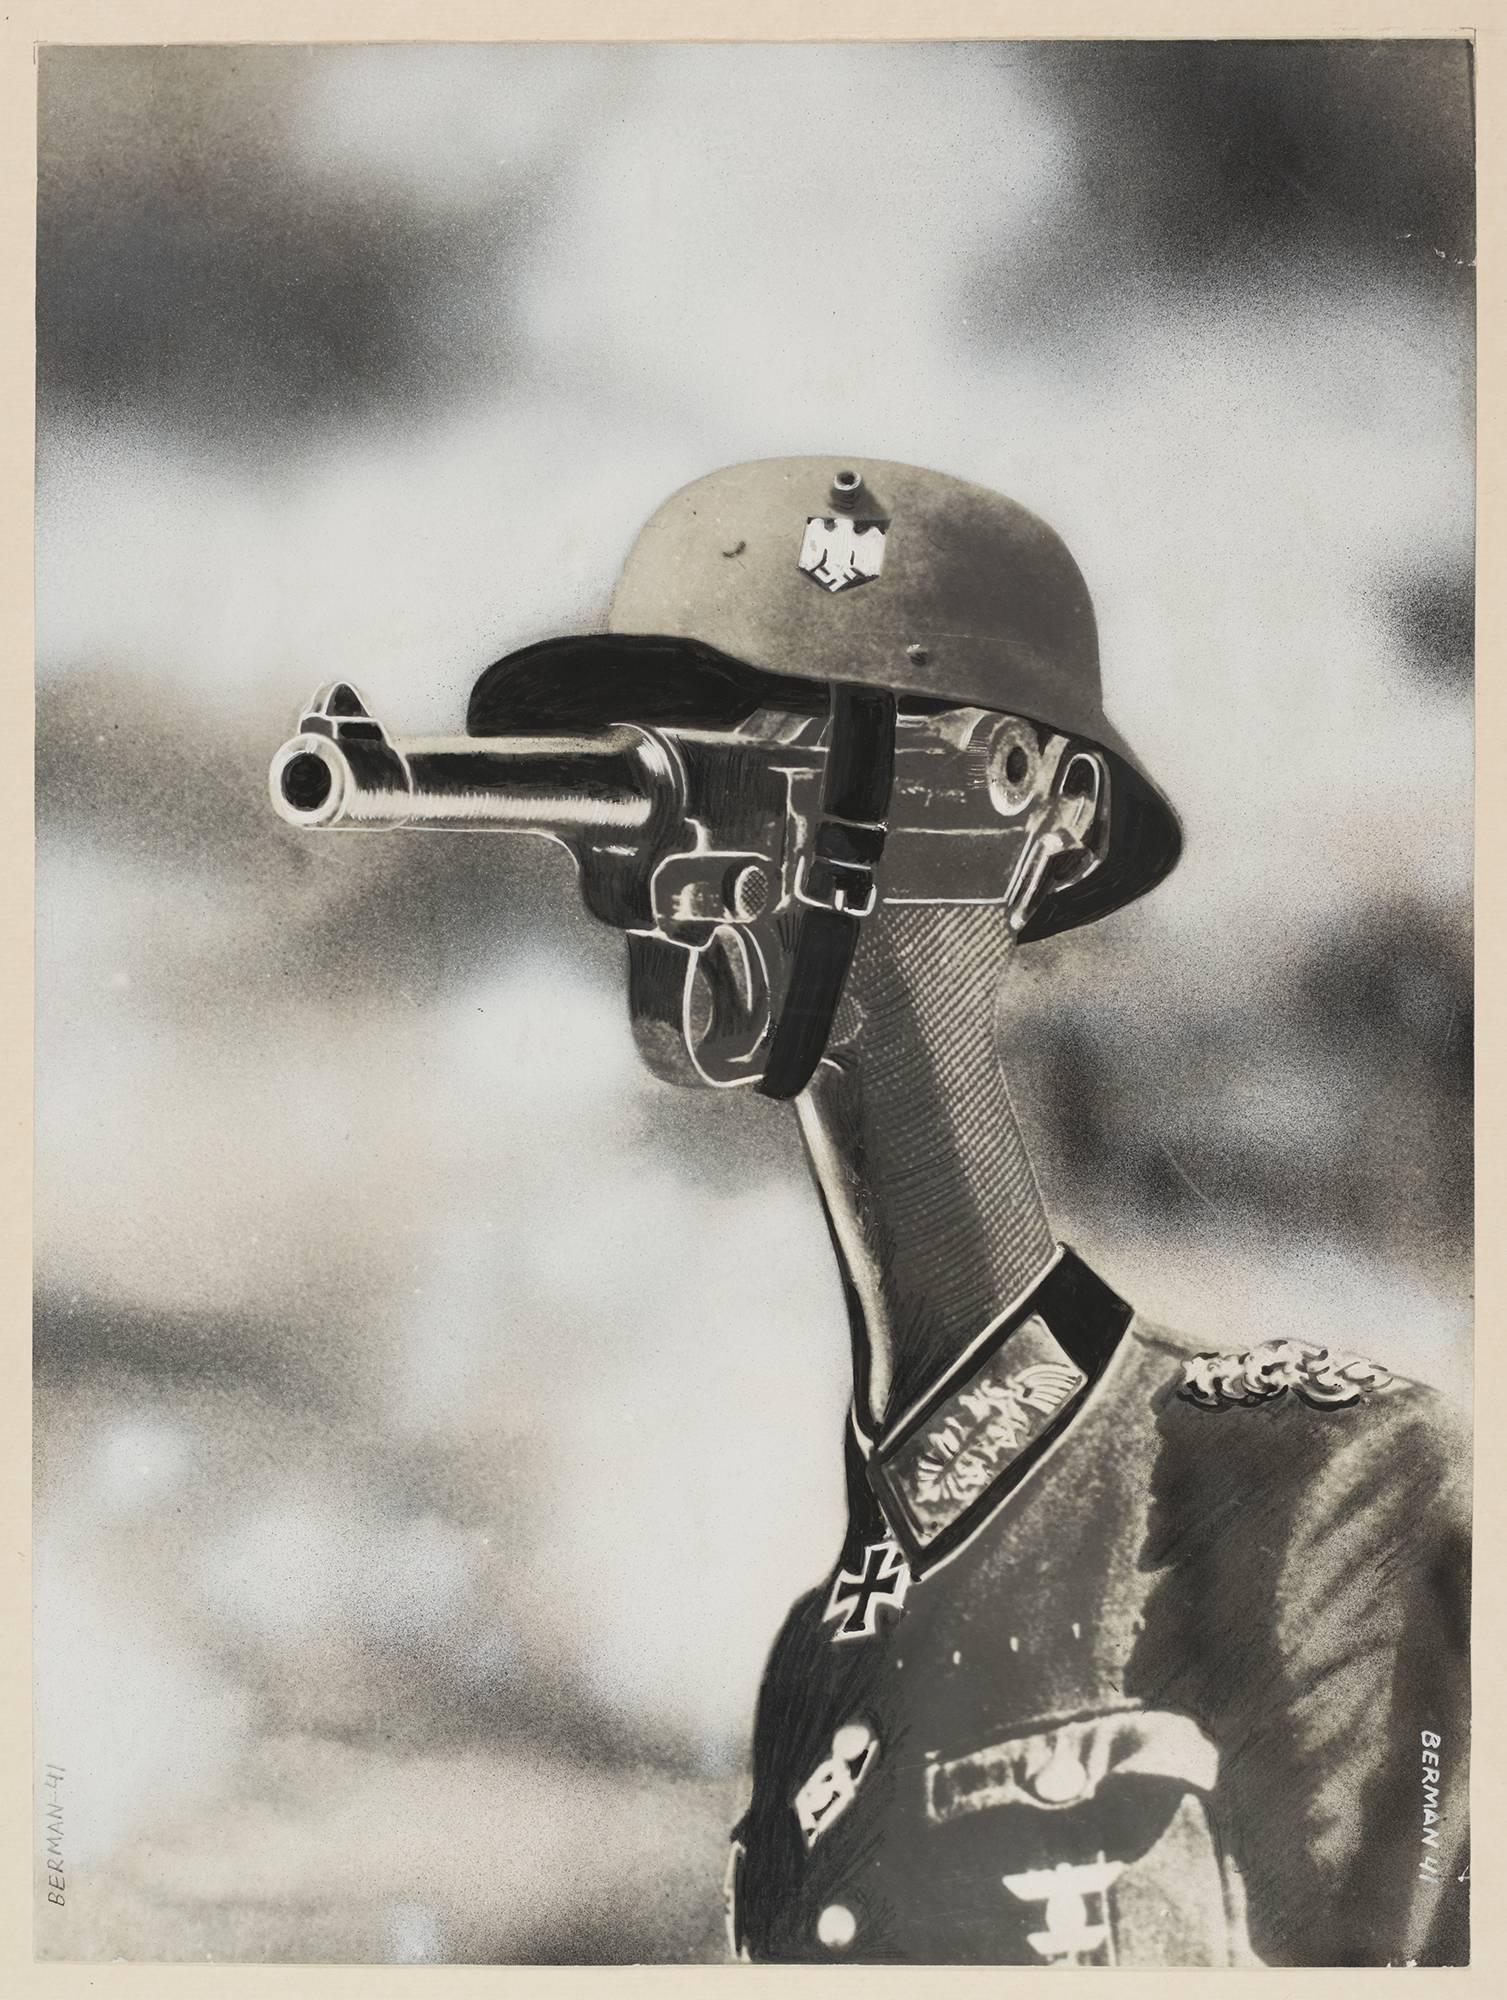 """4. REALIZM I AWANGARDA, portret z cyklu """"Krew i żelazo"""""""